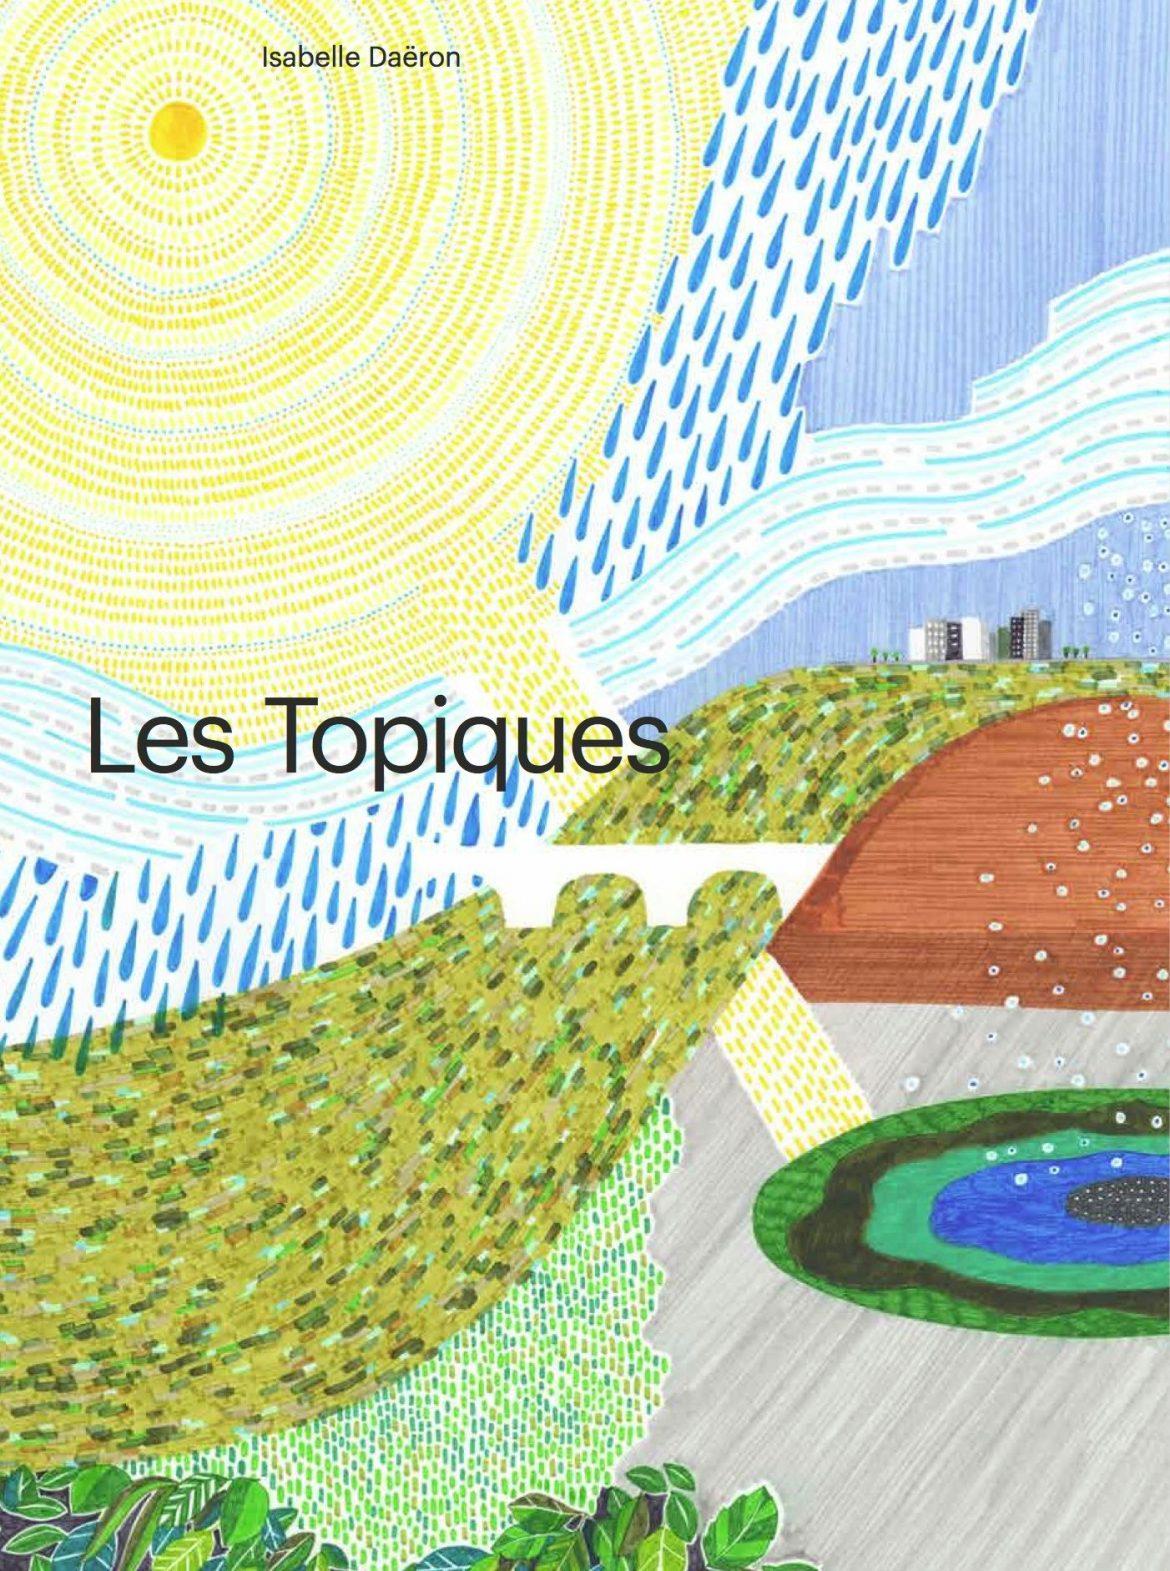 Topiques 1170x1571 - Topiques, l'utopie concrète à réaction poétique